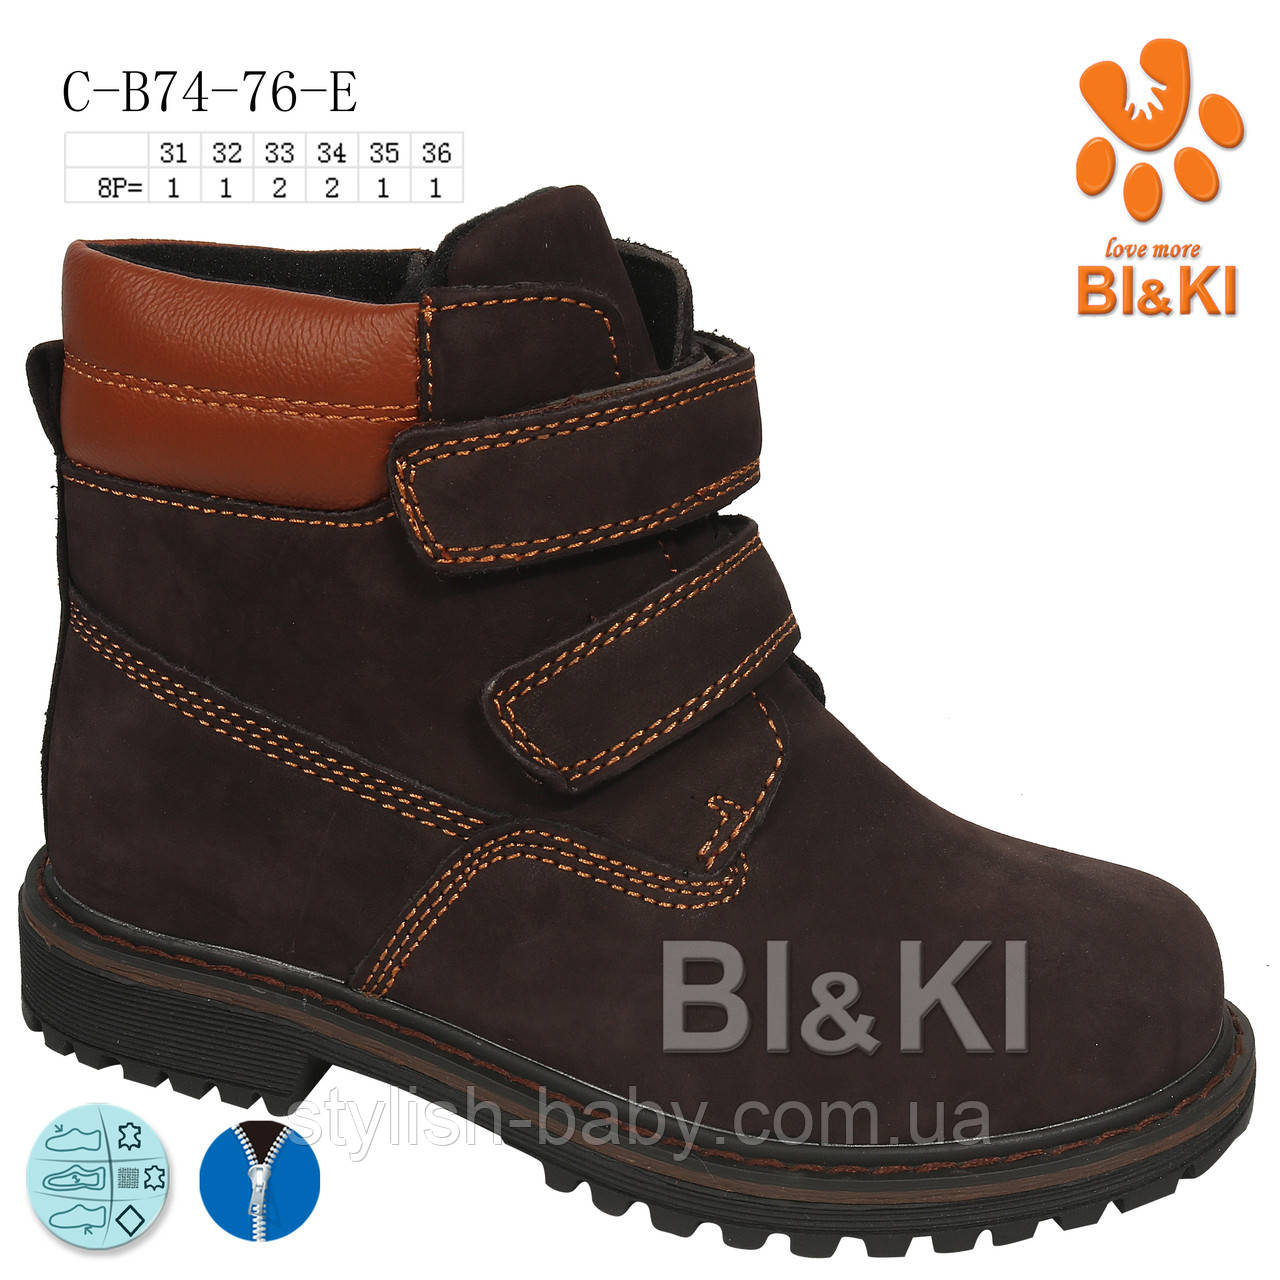 Детская обувь 2020 оптом. Детская демисезонная обувь бренда Tom.m - Bi&Ki для мальчиков (рр. с 31 по 36)